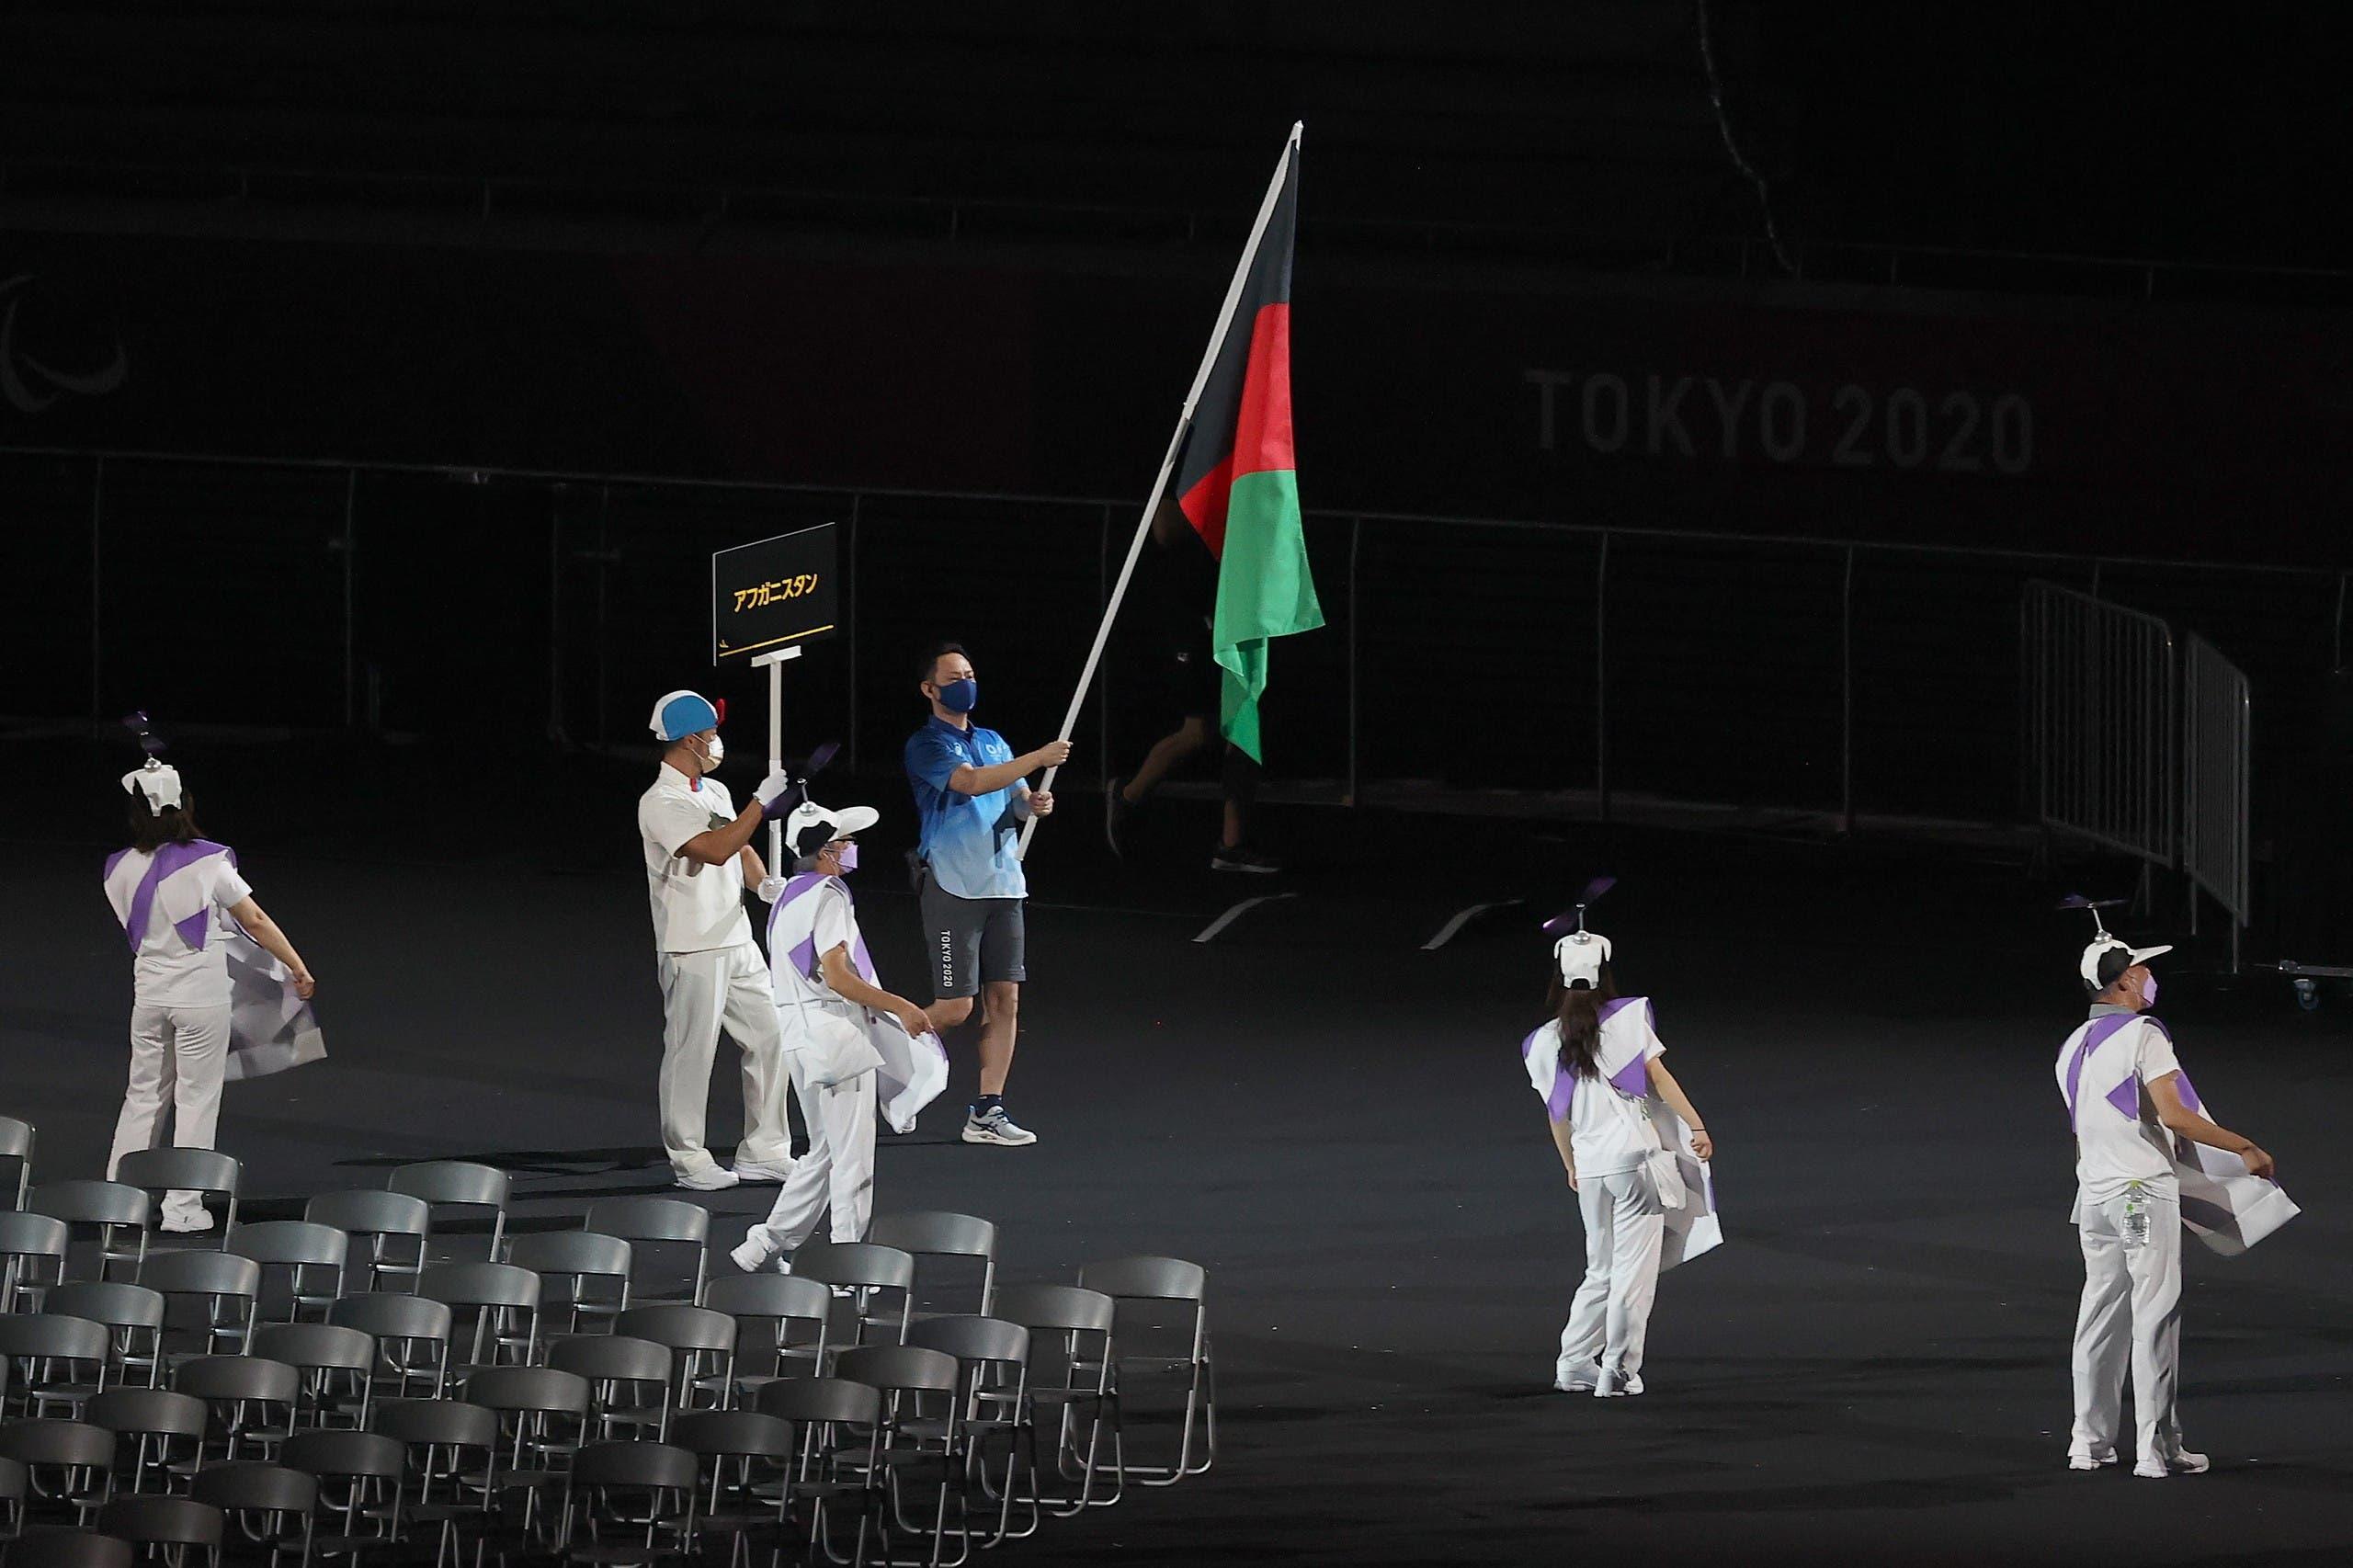 ٹوکیو پیرالمپکس کی افتتاحی تقریب میں افغانستان کا پرچم اعزازی طور پر لہرا گیا۔